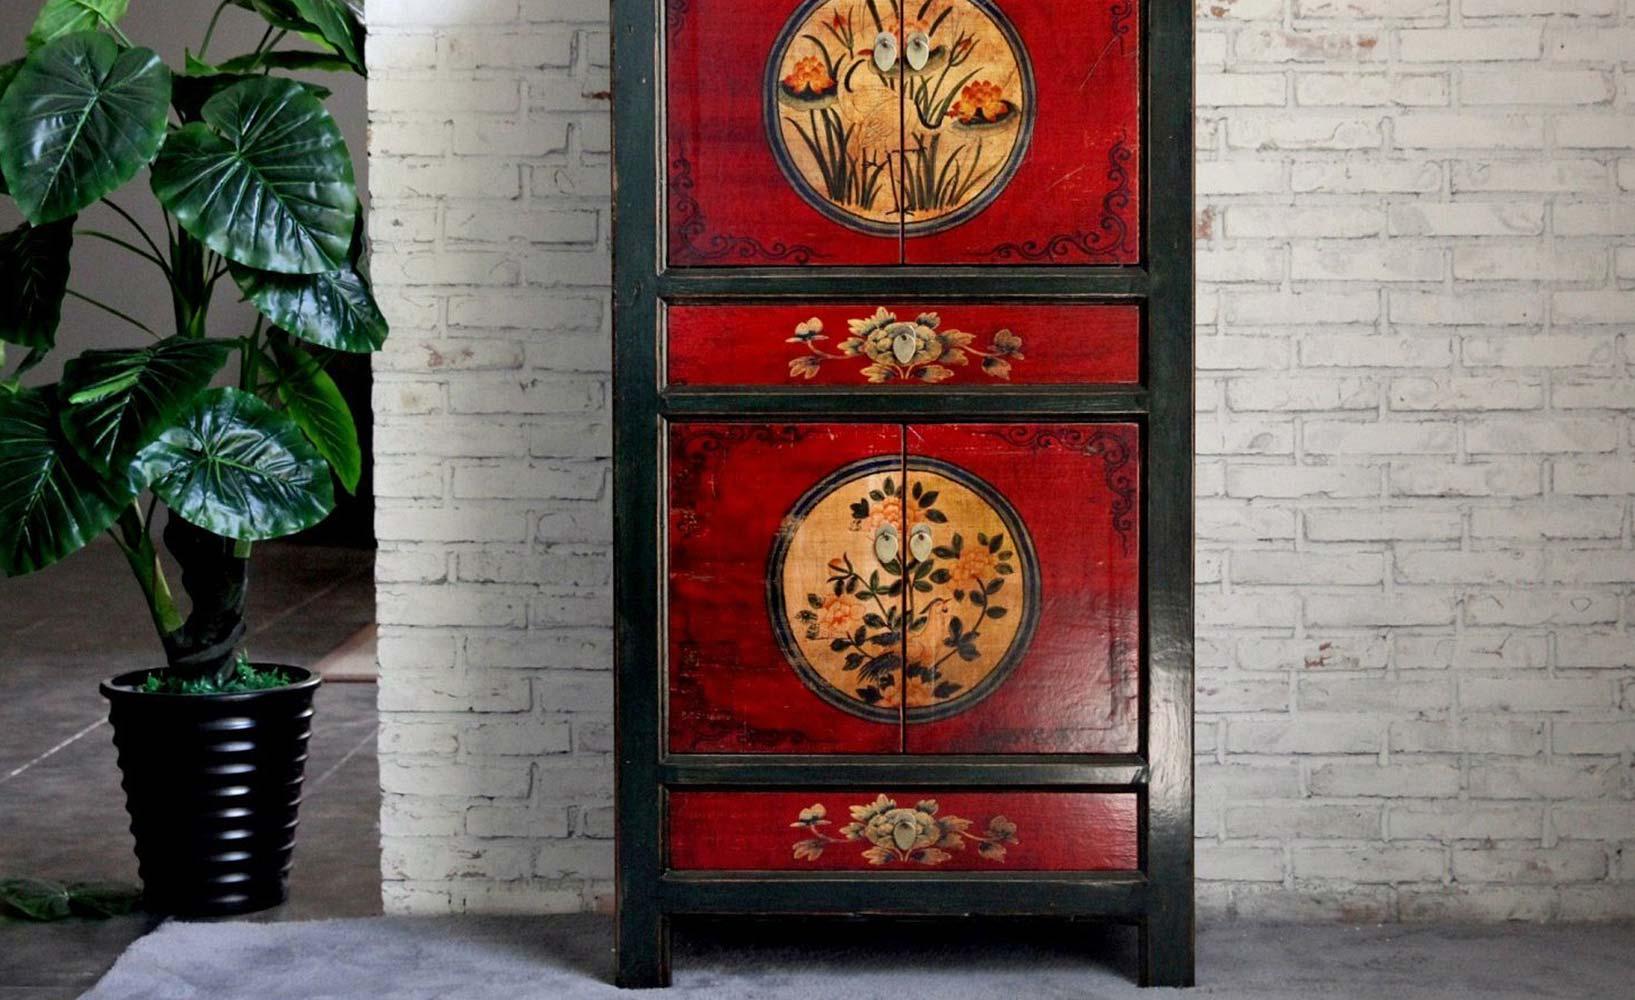 exceptional einfache dekoration und mobel abseits von gluecksbambus einrichten im asia stil #2: Abseits von Glücksbambus: Einrichten im Asia-Stil